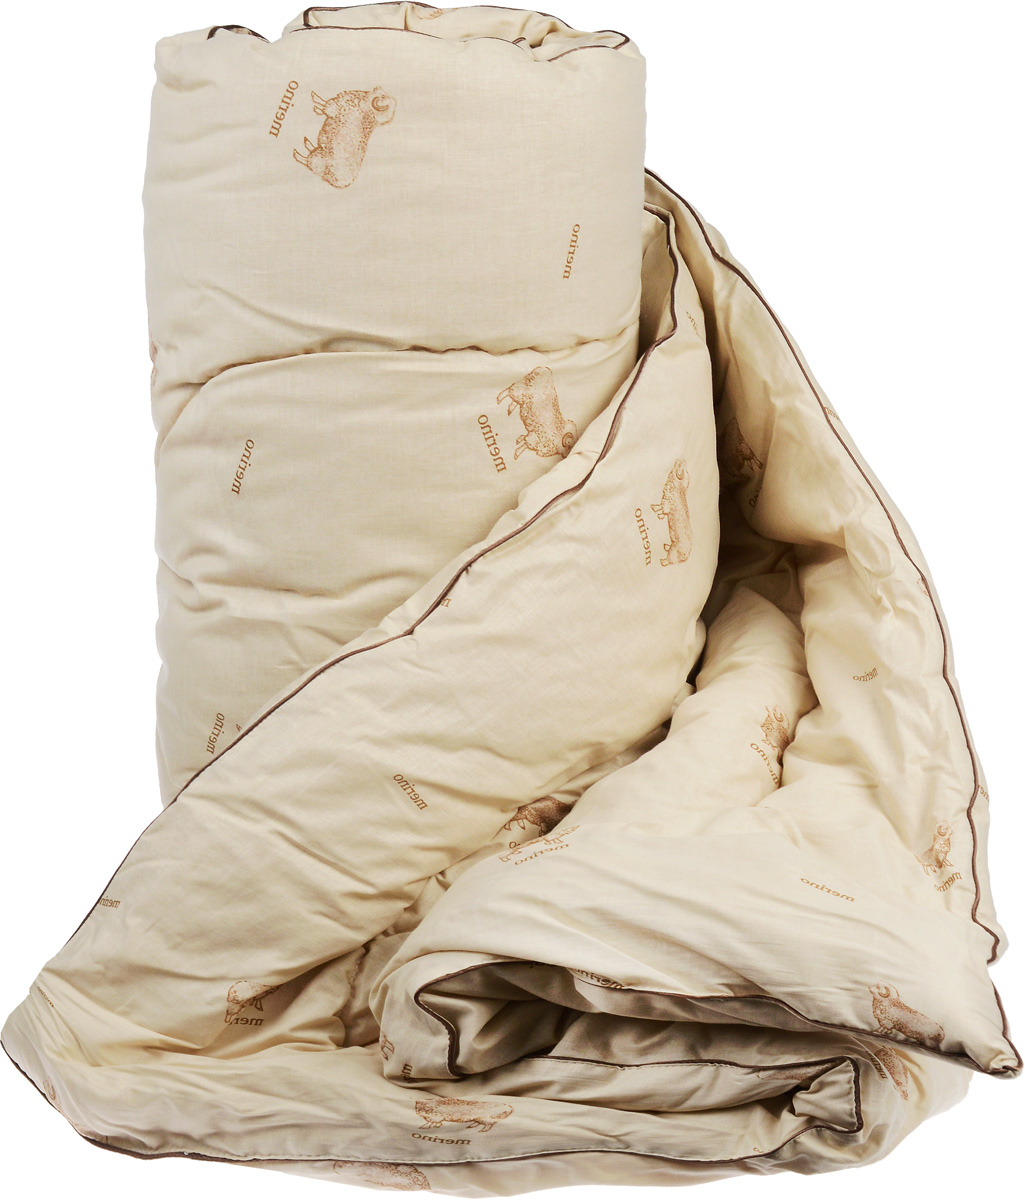 Одеяло теплое Легкие сны Полли, наполнитель: овечья шерсть, 140 x 205 см531-105Теплое стеганое одеяло Легкие сны Полли с наполнителем из овечьей шерсти расслабит, снимет усталость и подарит вам спокойный и здоровый сон.Шерстяные волокна, получаемые из овечьей шерсти, имеют полую структуру, придающую изделиям высокую износоустойчивость. Чехол одеяла, выполненный из 100% хлопка. Одеяло простегано. Стежка надежно удерживает наполнитель внутри и не позволяет ему скатываться.Рекомендации по уходу:Отбеливание, стирка, барабанная сушка и глажка запрещены. Разрешается химчистка.